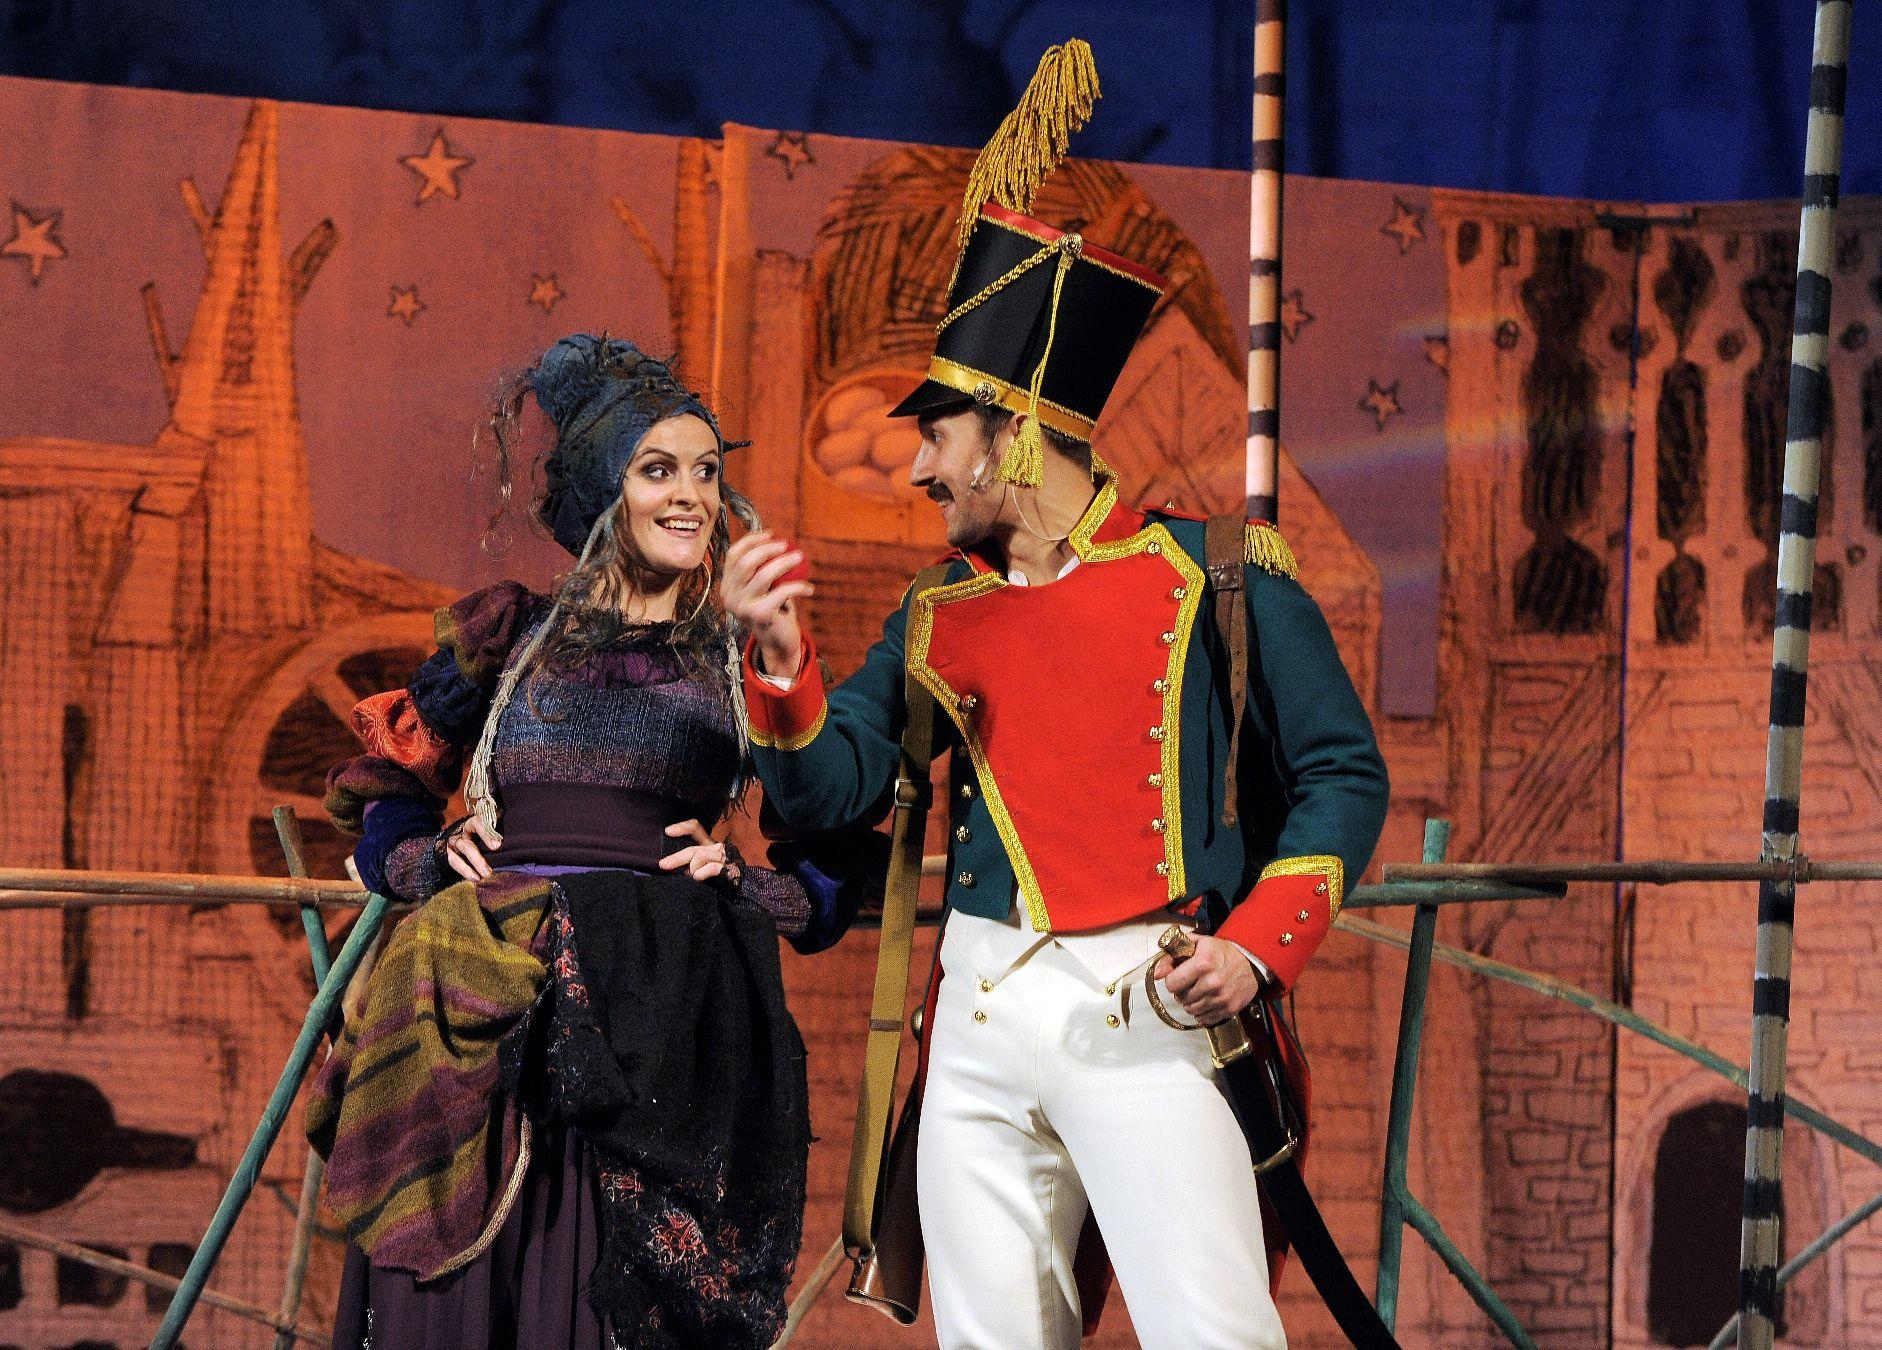 Онлайн-показ мюзикла «Огниво» состоится на канале «Театриума»